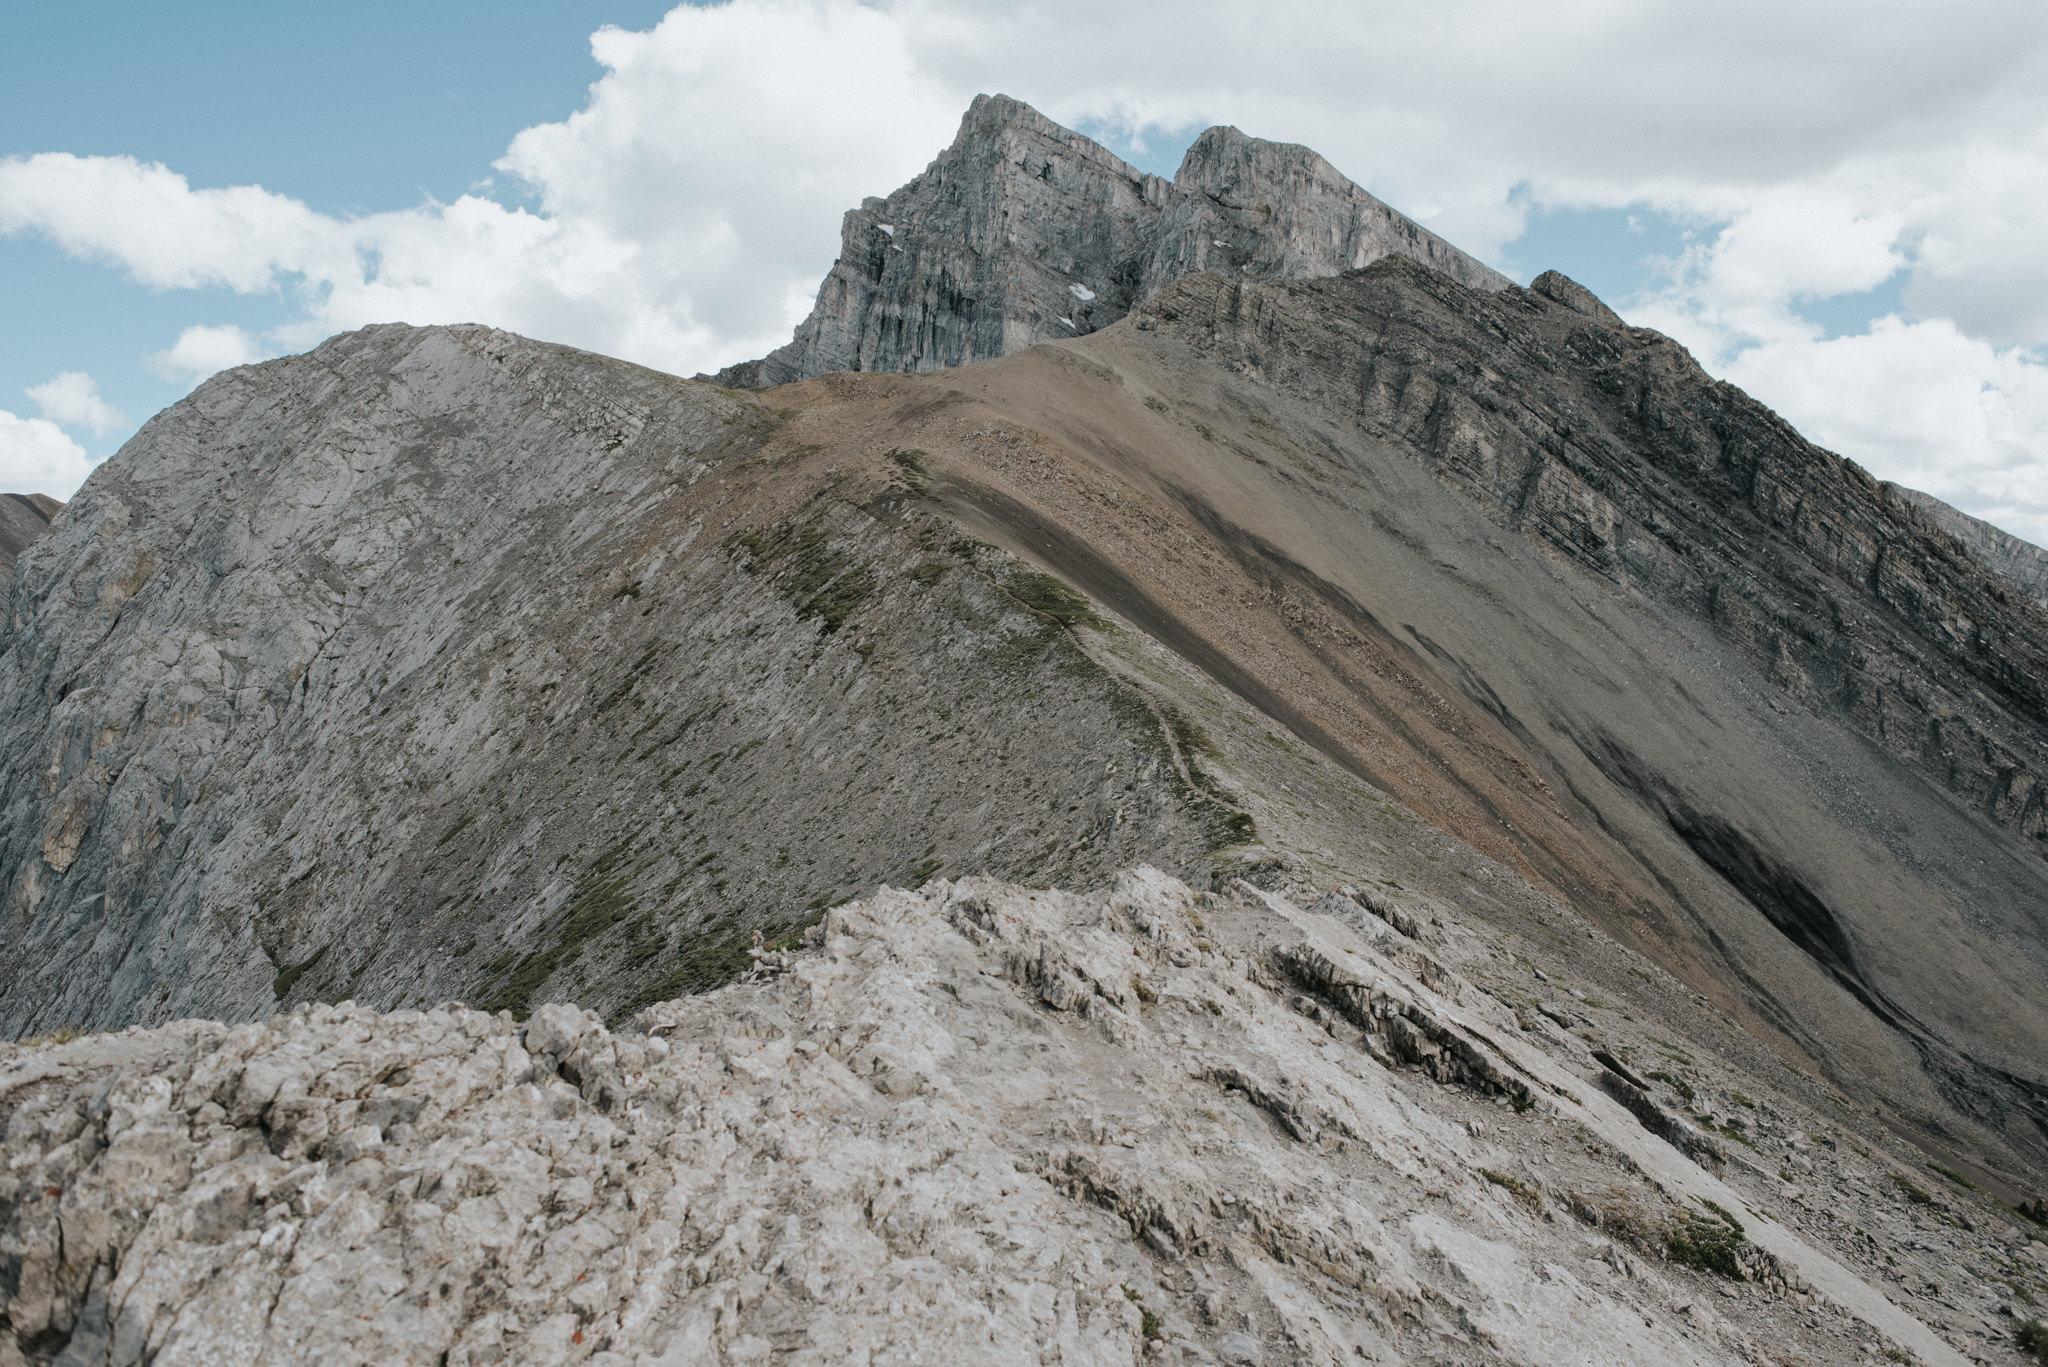 Hiking Ha Ling Peak in Canmore // Daring Wanderer: www.daringwanderer.com